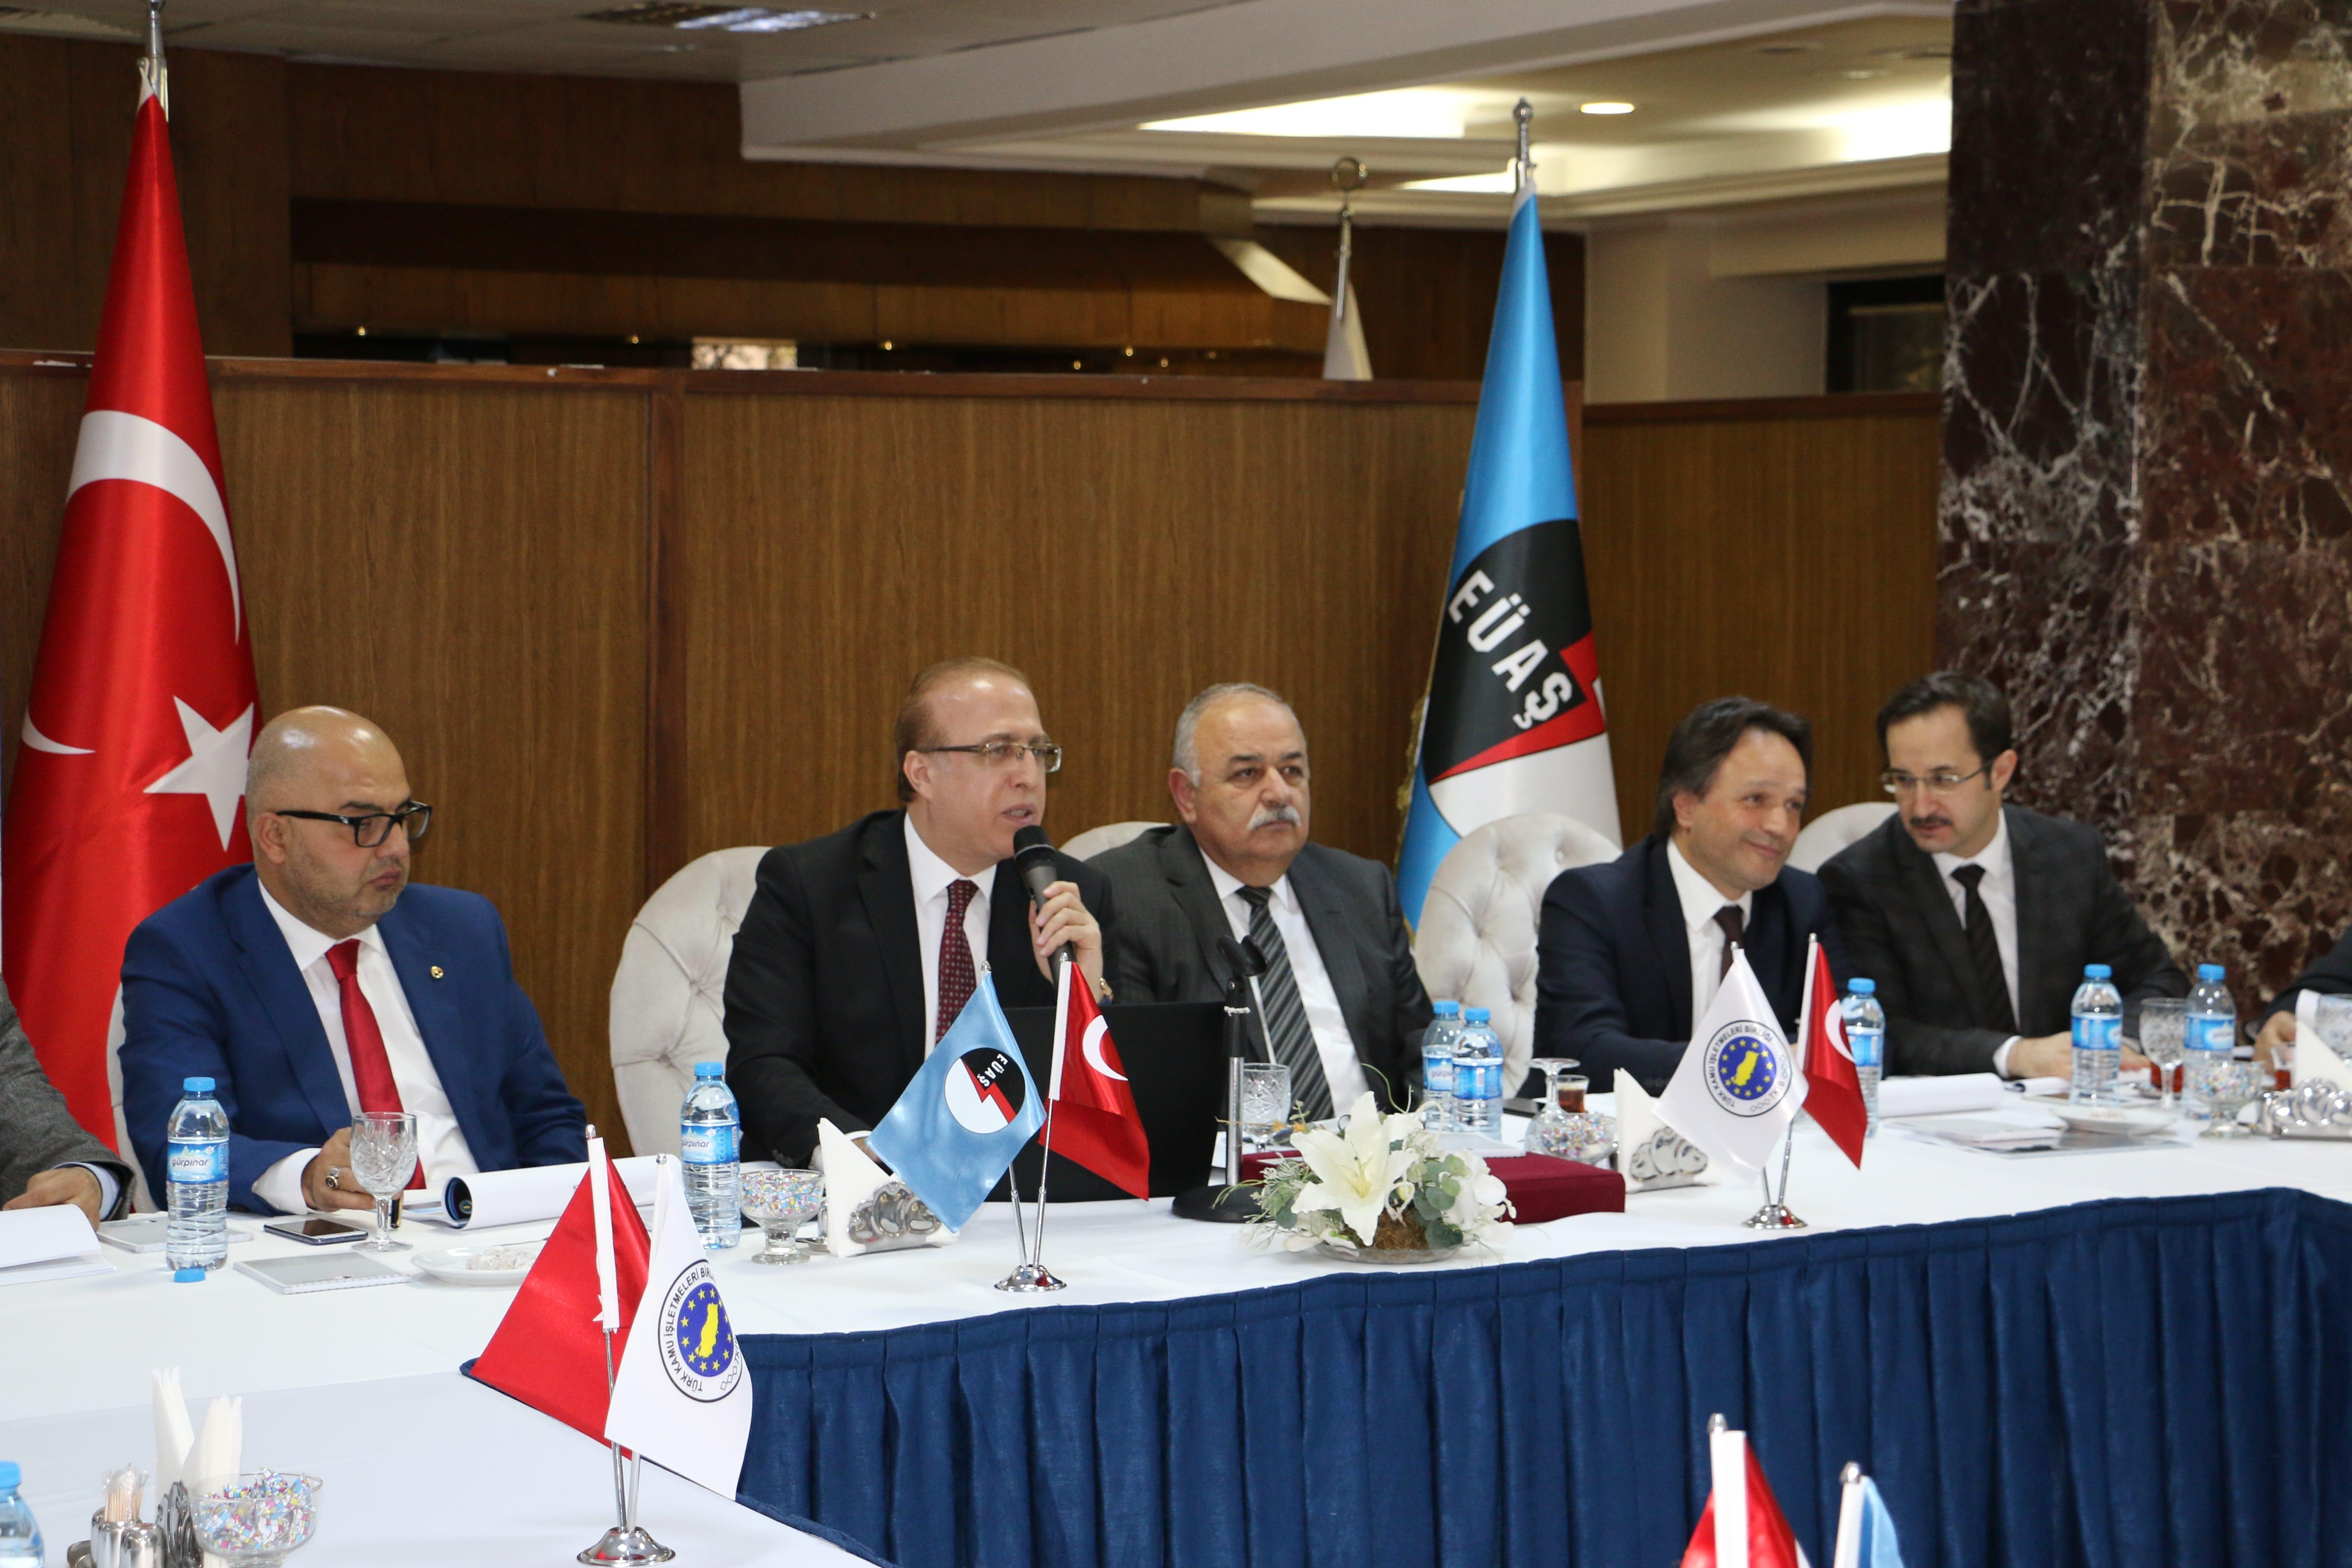 Kurumlararası Diyaloğu Geliştirme Toplantısı – EÜAŞ Genel Müdürlüğü